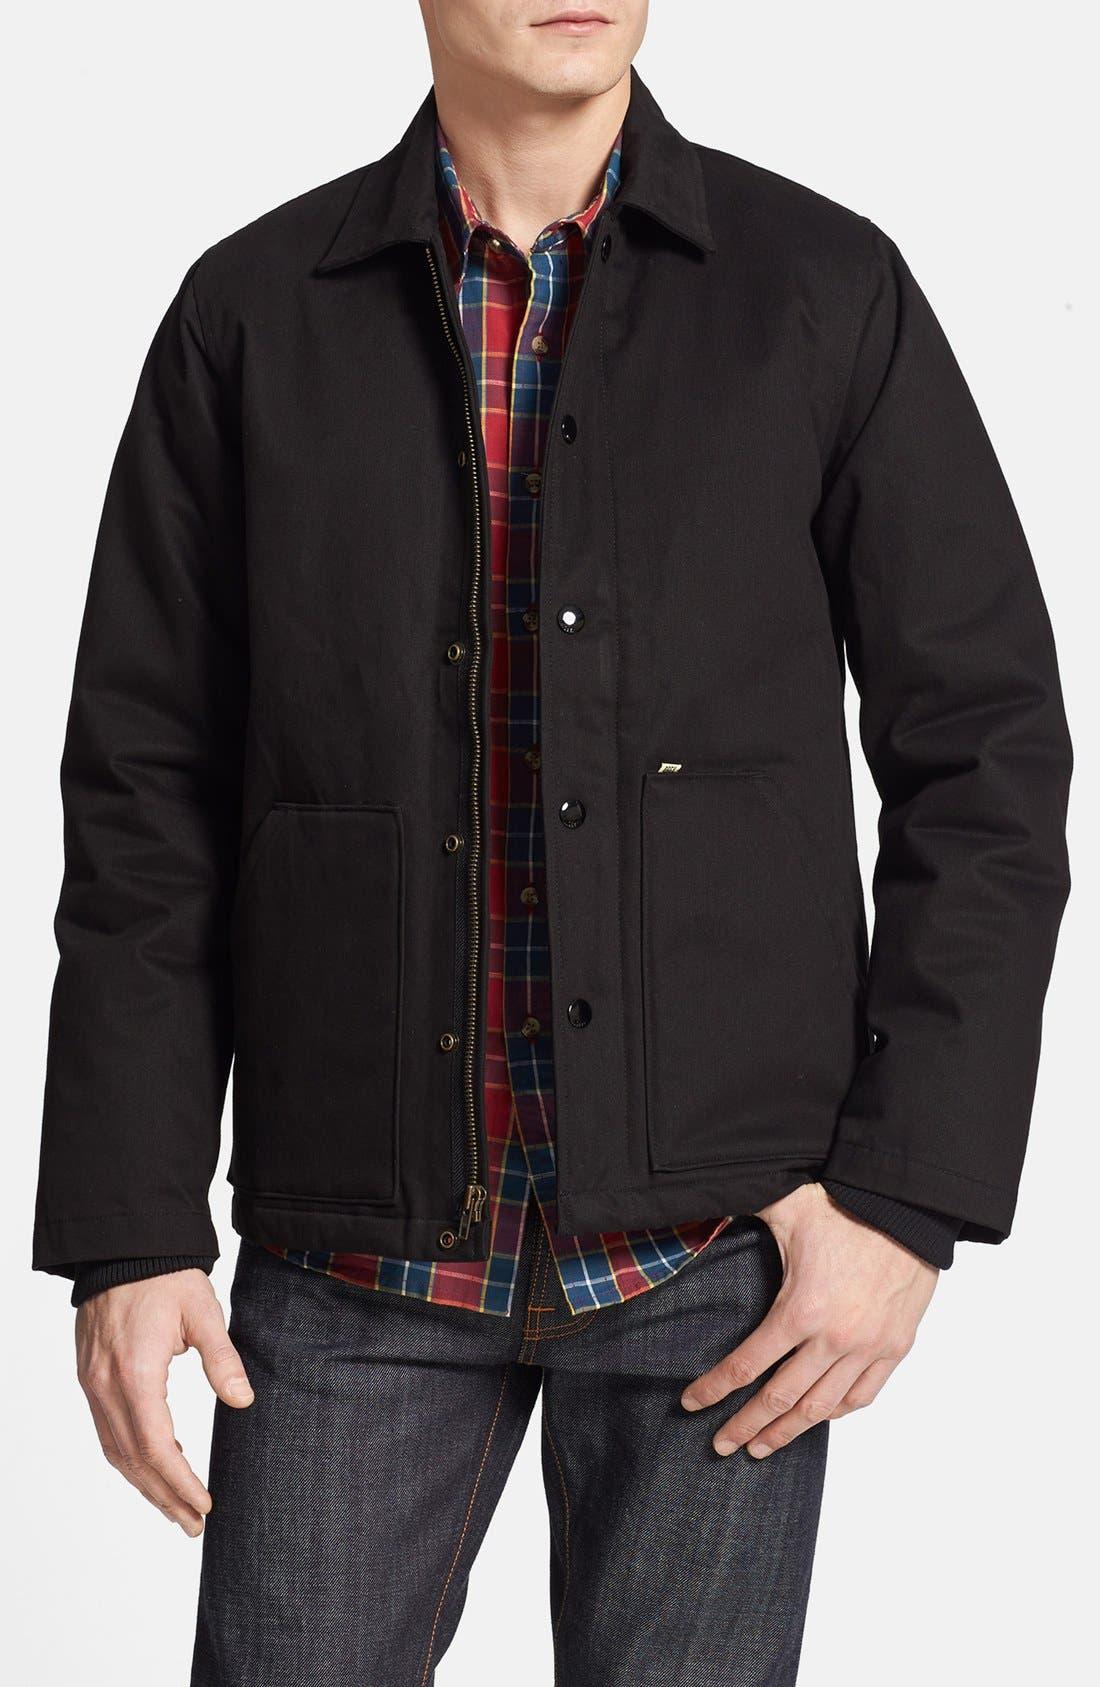 Alternate Image 1 Selected - Obey 'Mason' Jacket